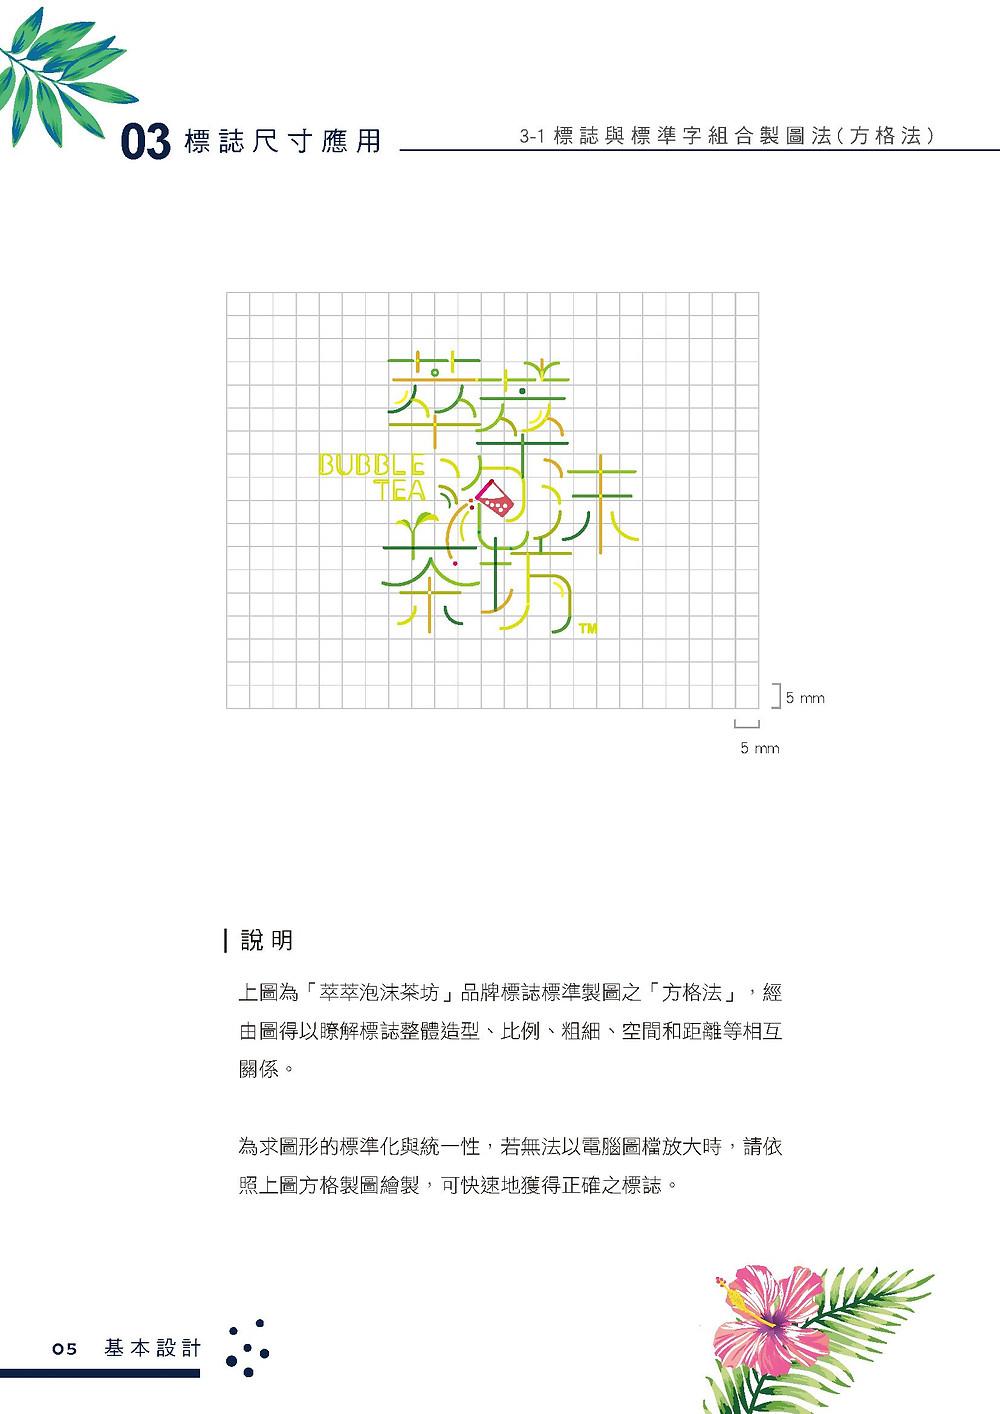 萃萃泡沫茶坊 品牌識別系統手冊 方格法